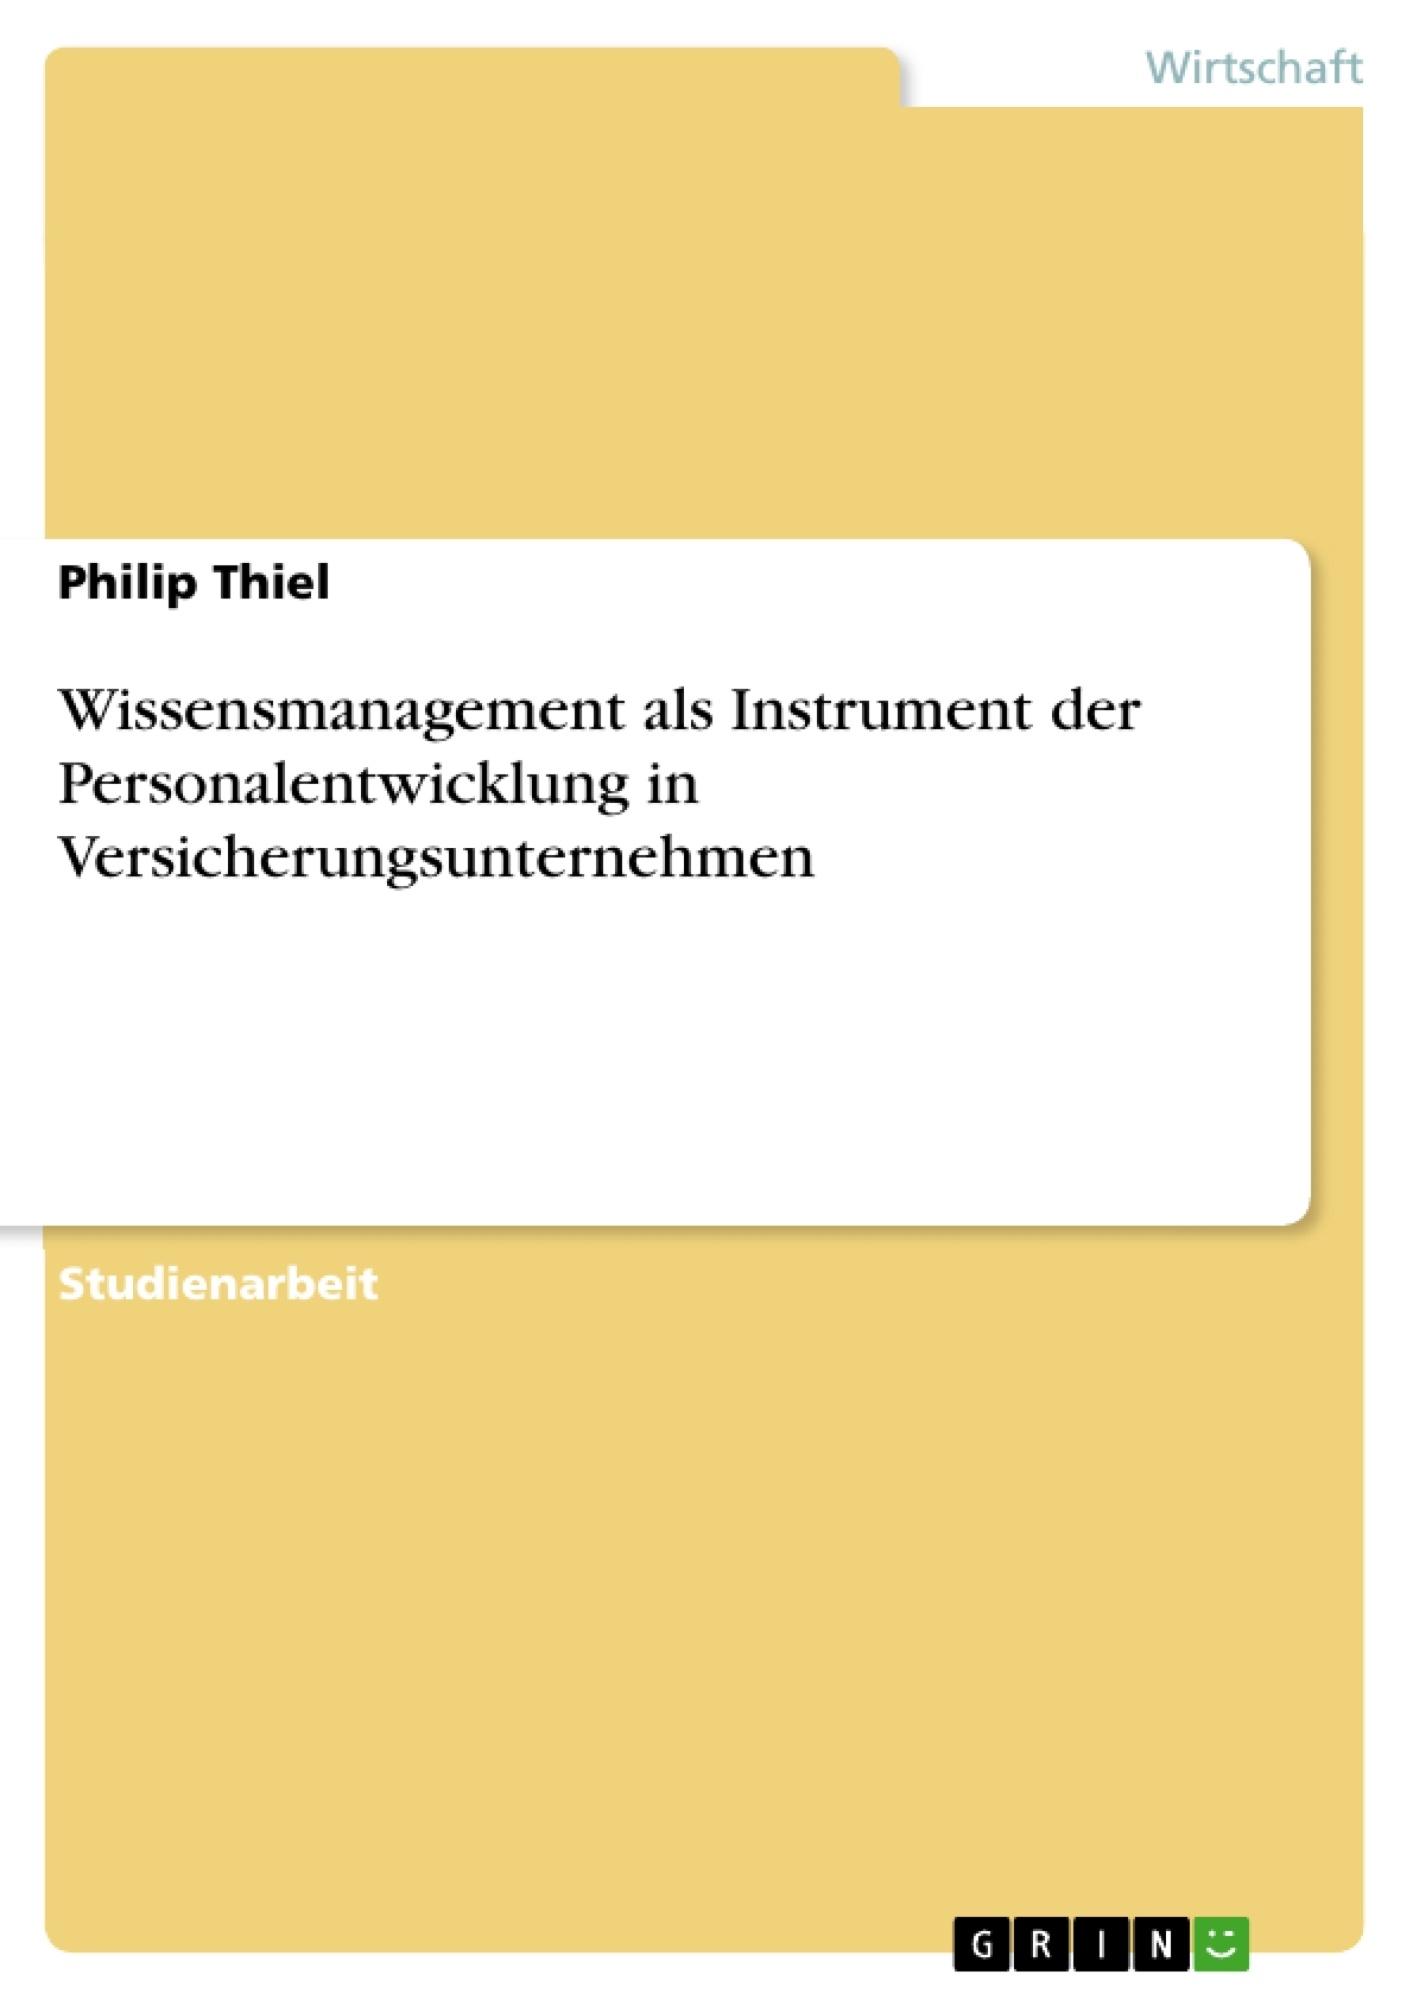 Titel: Wissensmanagement als Instrument der Personalentwicklung in Versicherungsunternehmen